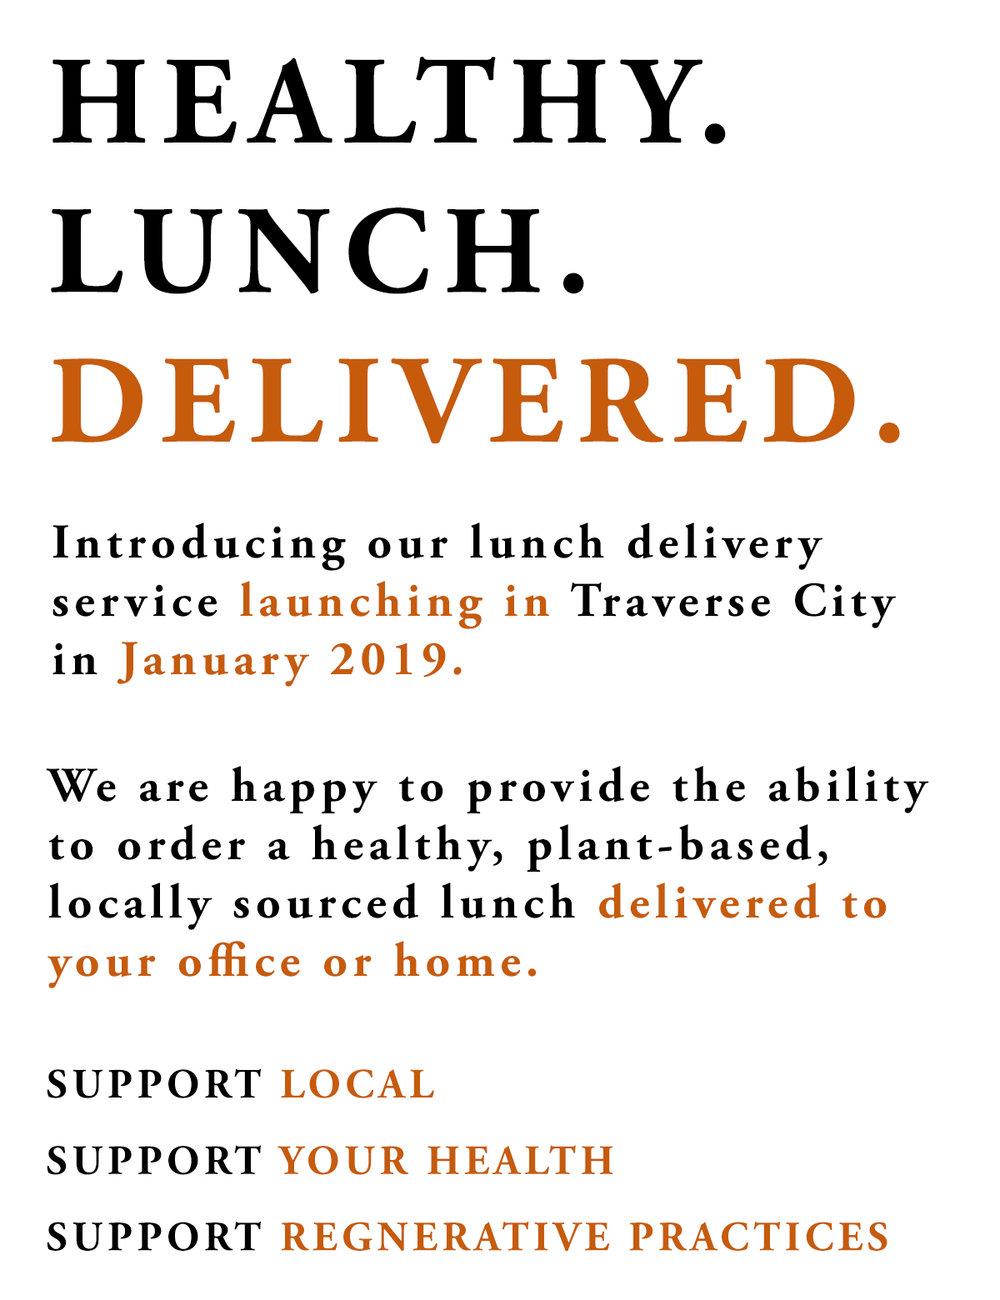 Lunch Delivered 4x6 website.jpg